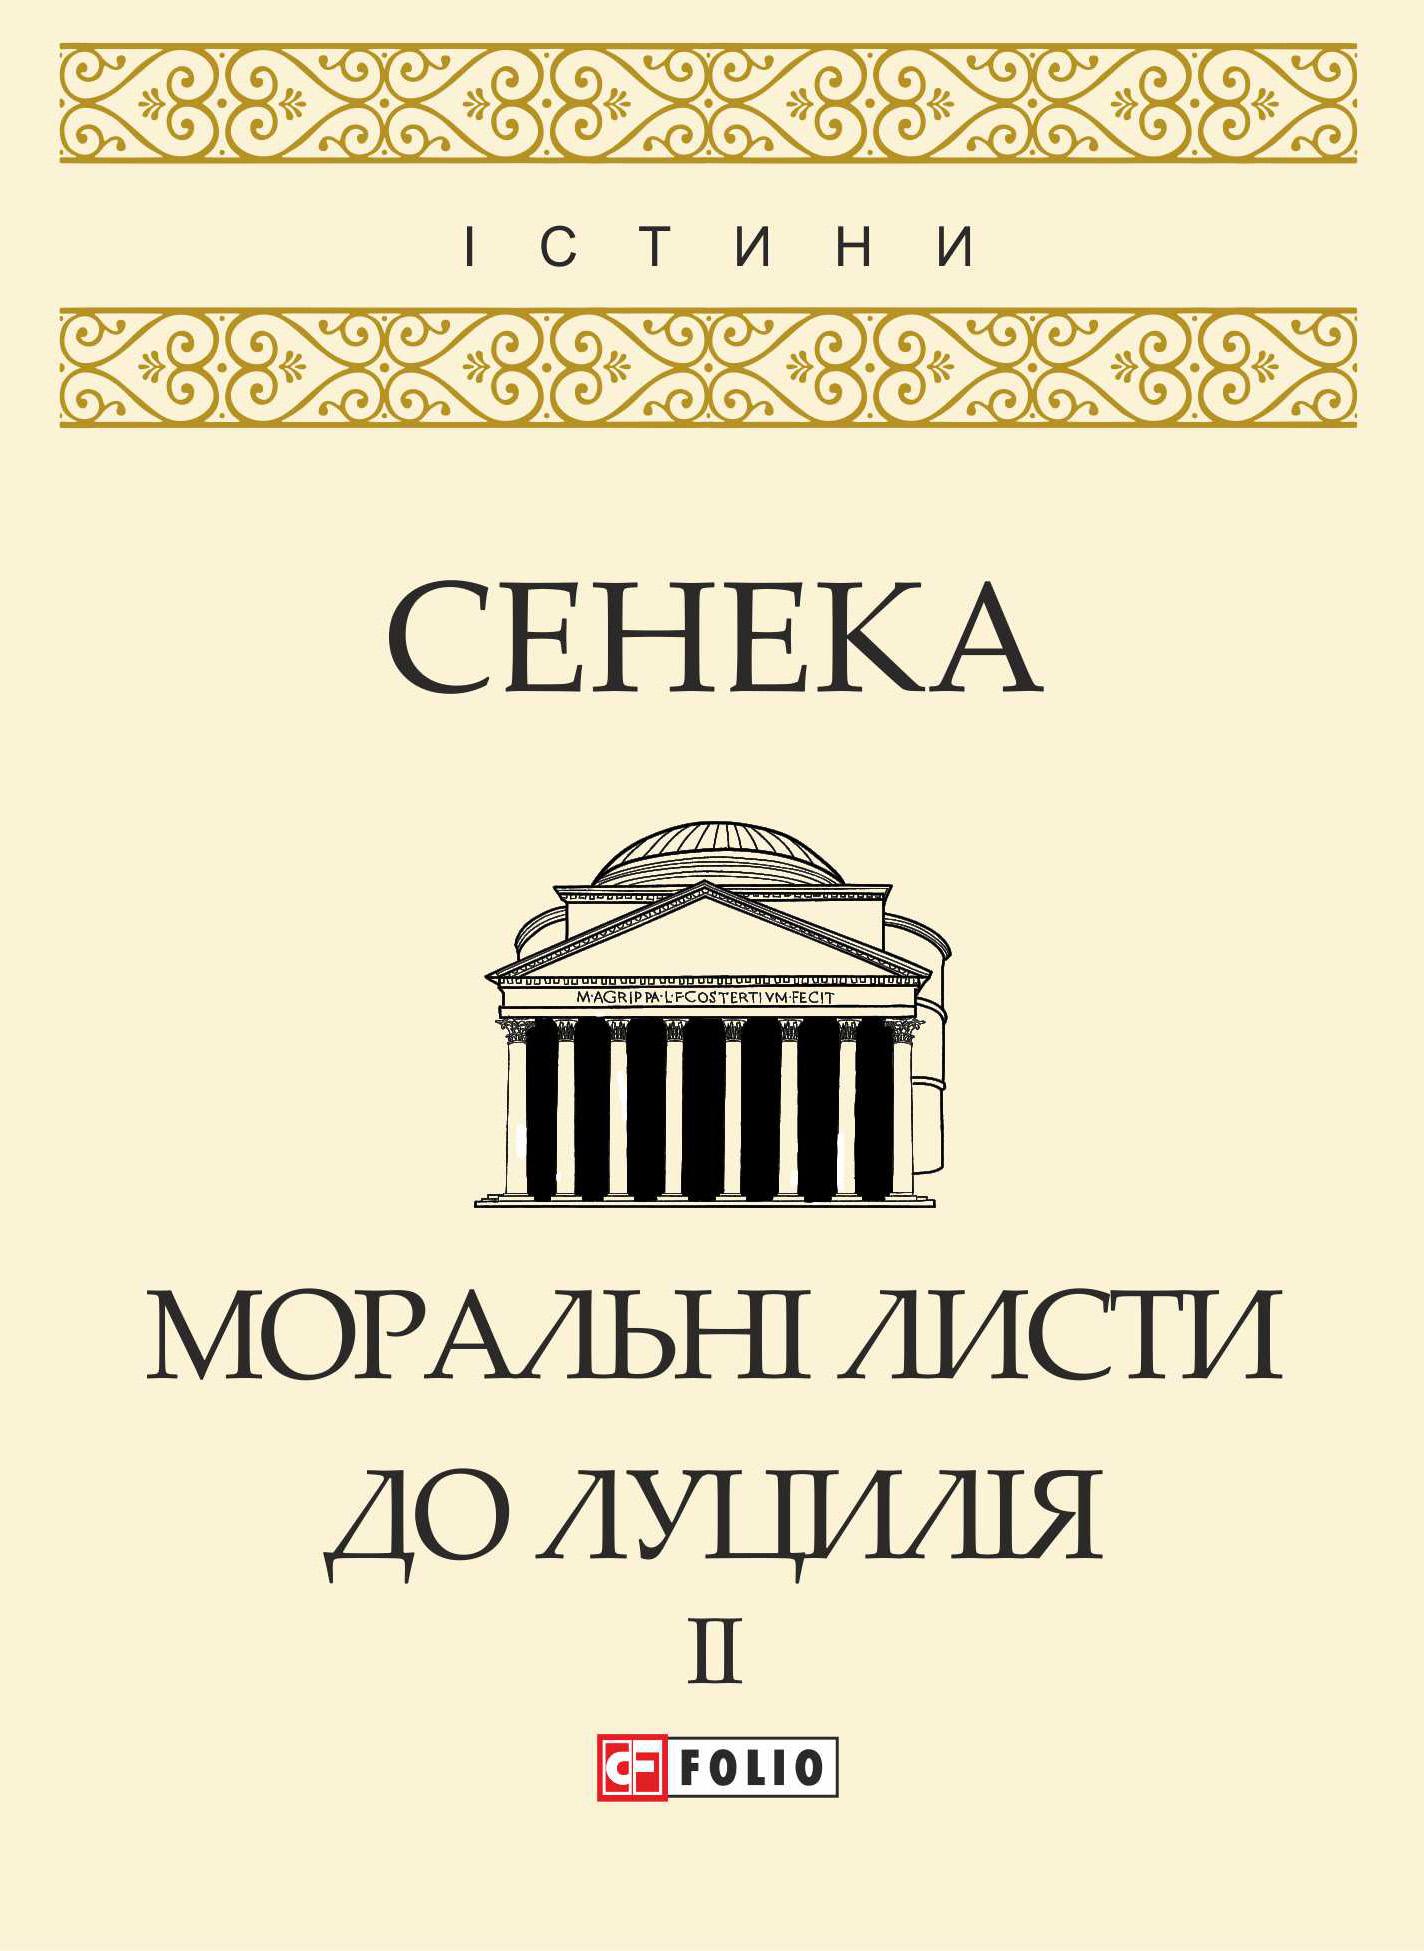 Моральні листи до Луцилія. Том II